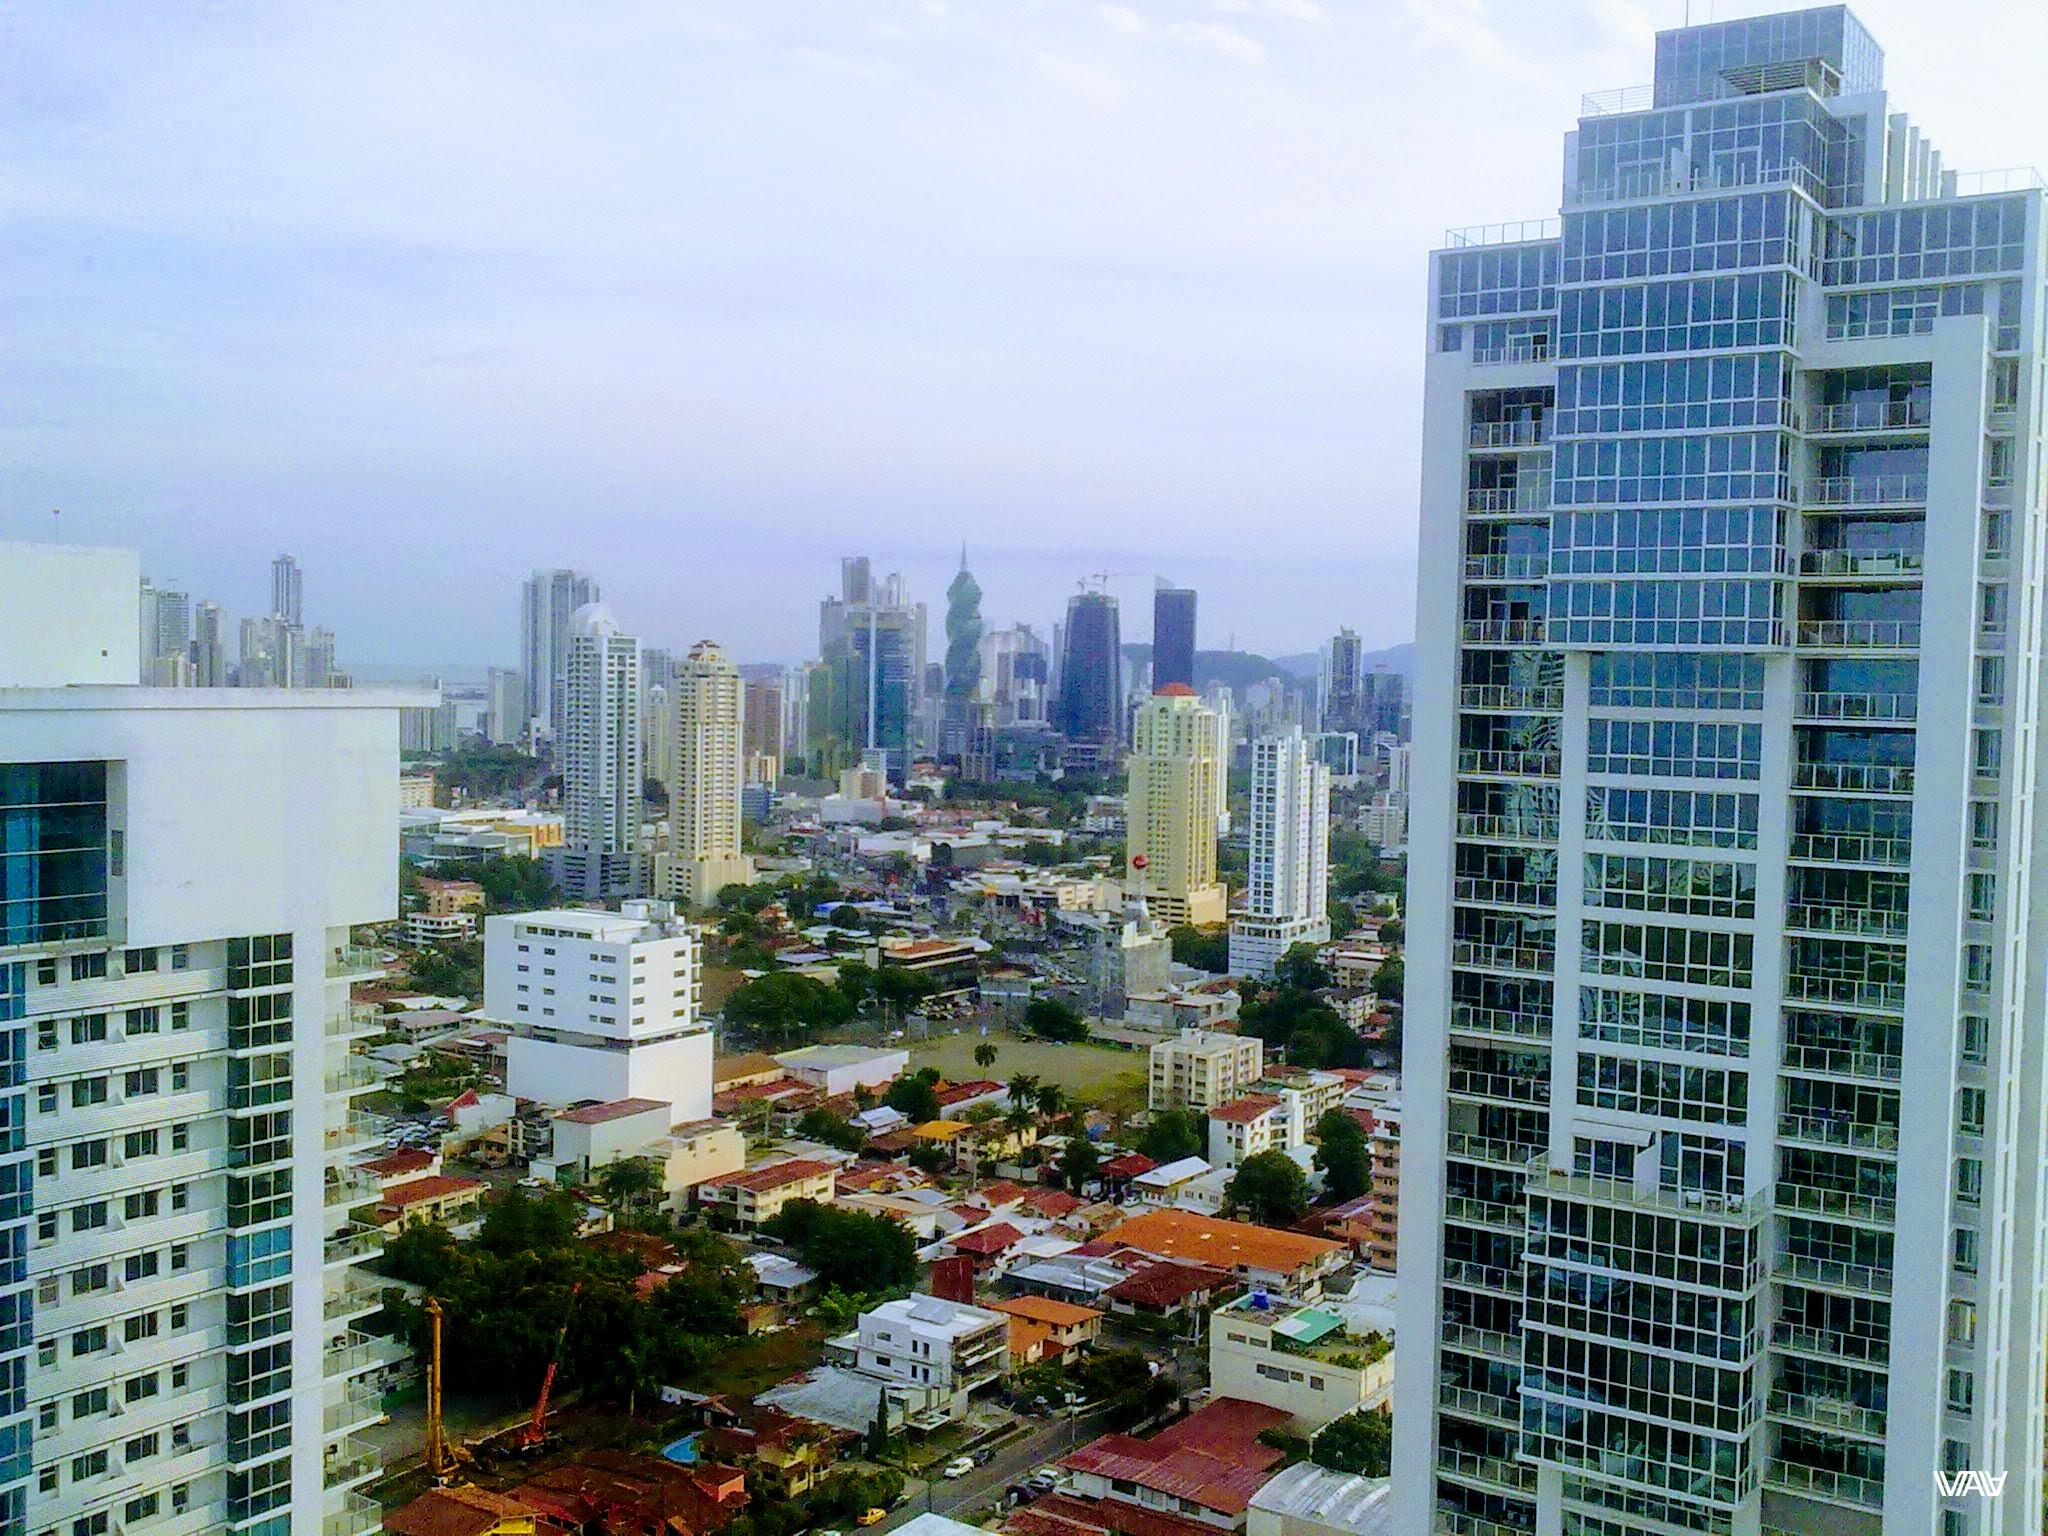 Вид с надцатого этажа обыкновенного небоскреба элитного района Панама Сити, Панама